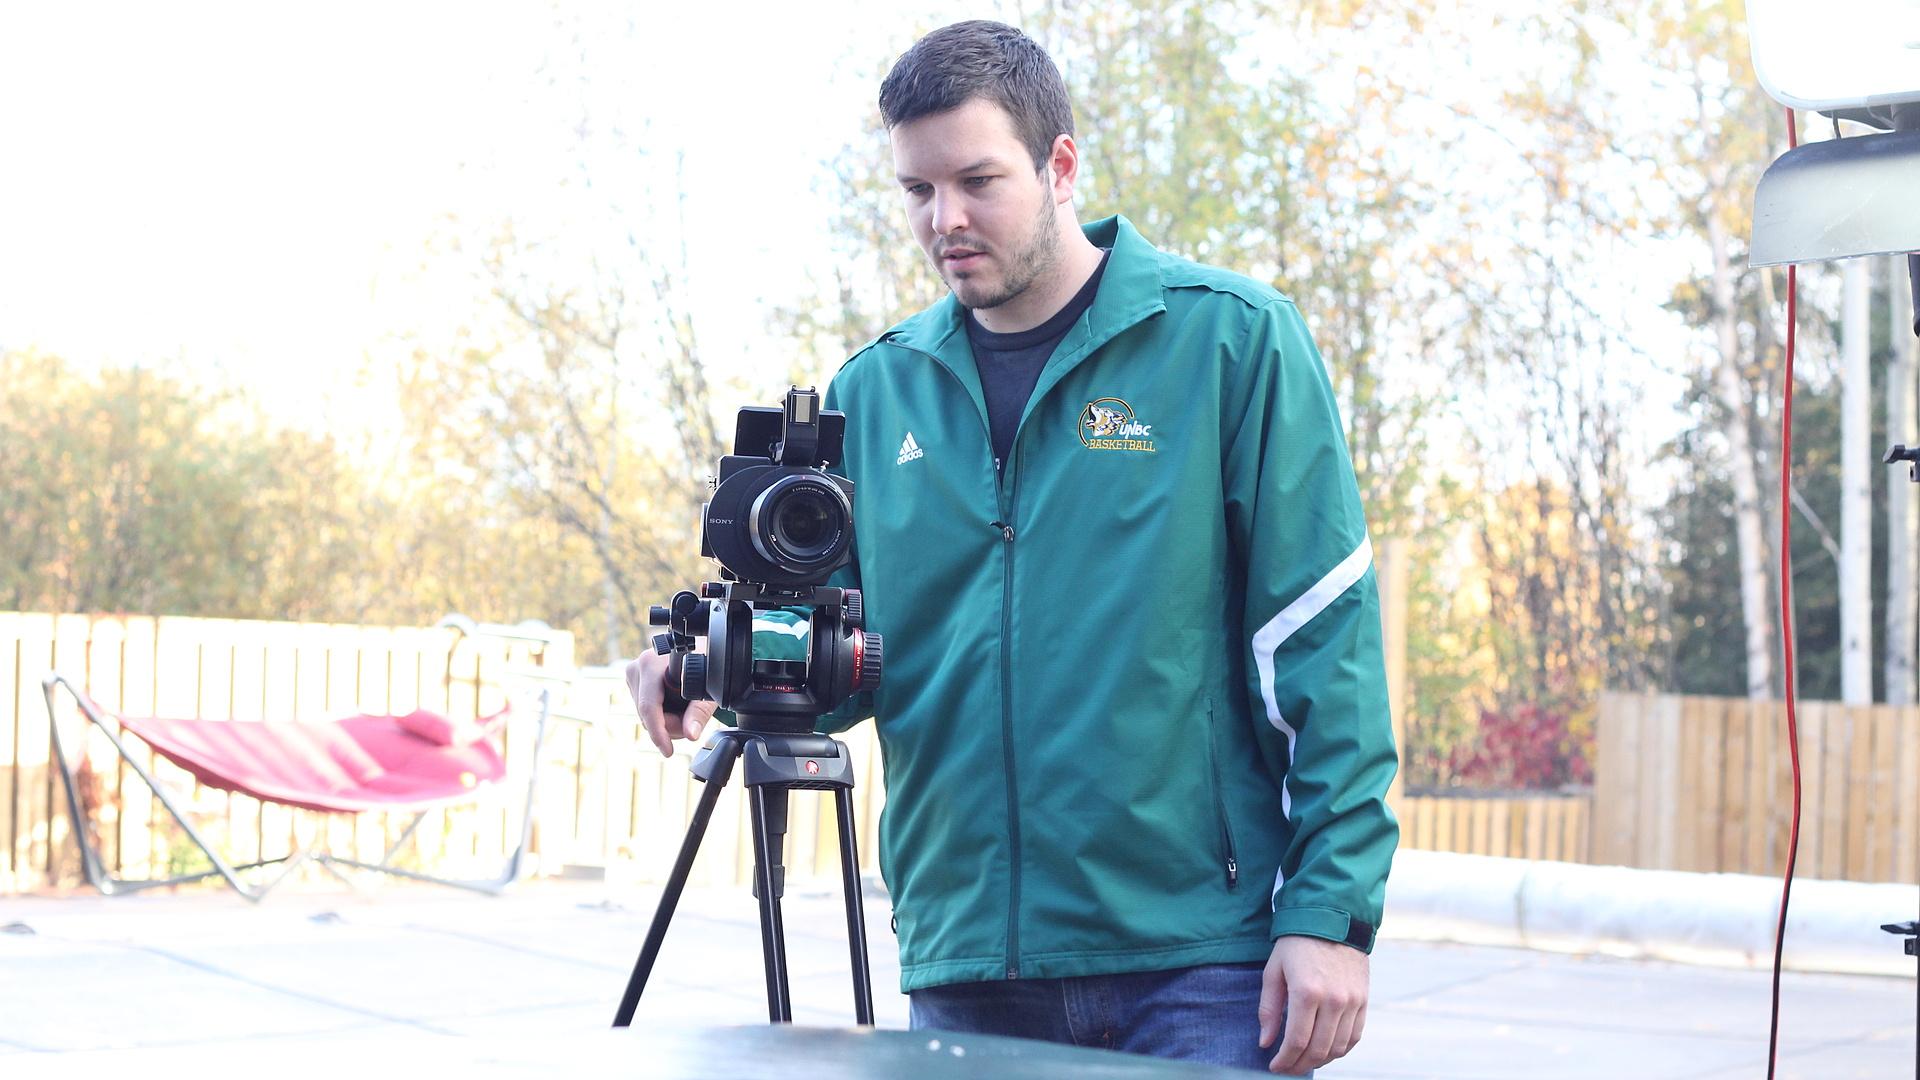 Dan the Camera Man